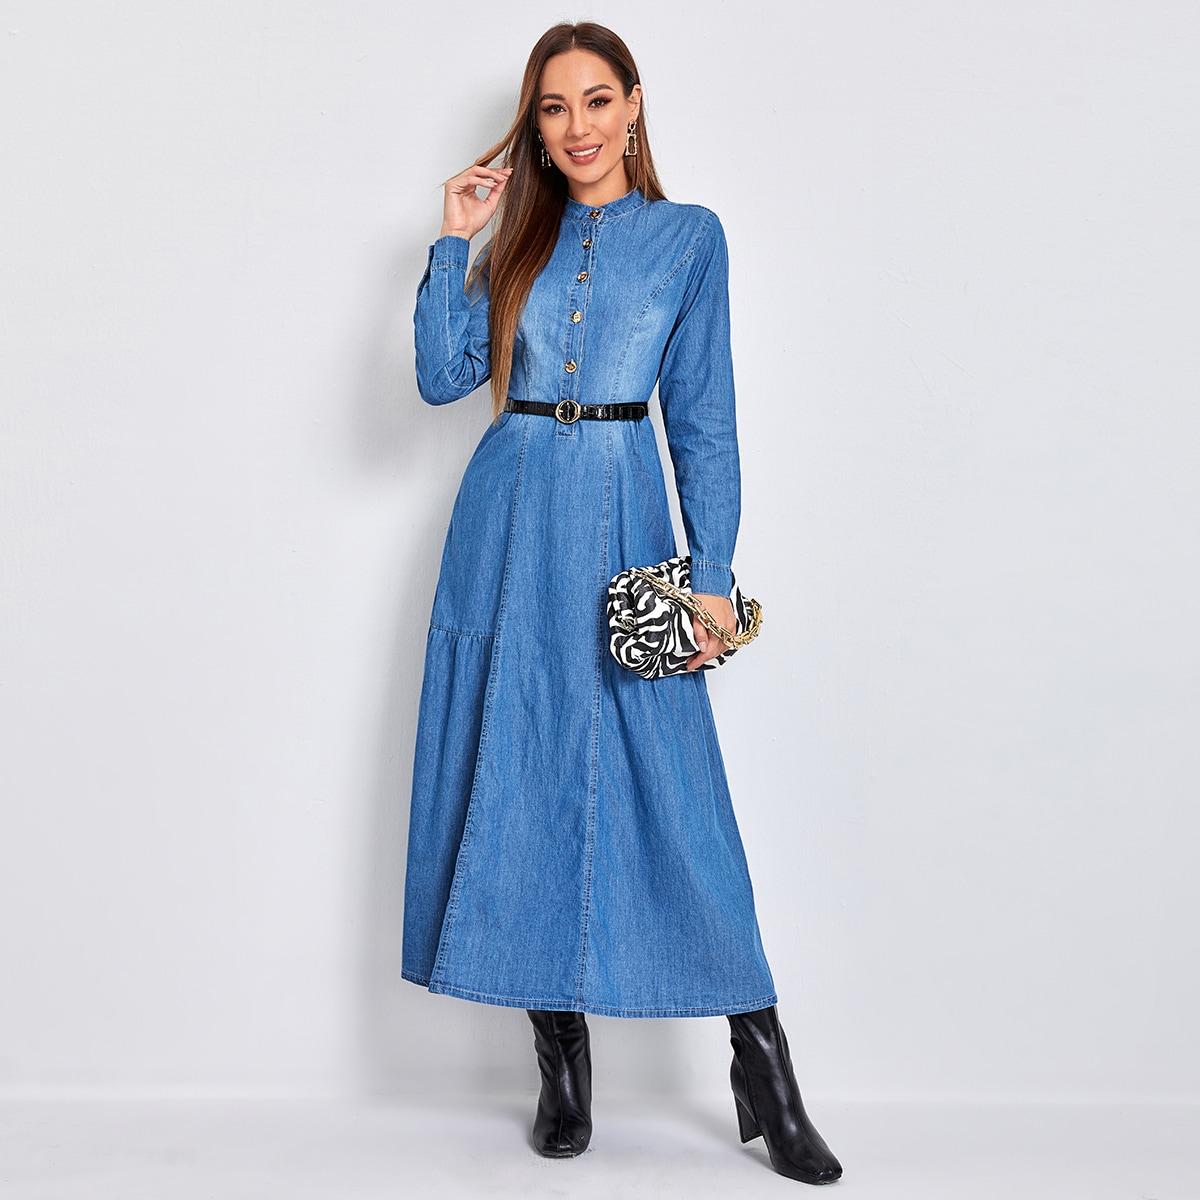 Однобортный одноцветный повседневный джинсовые платья